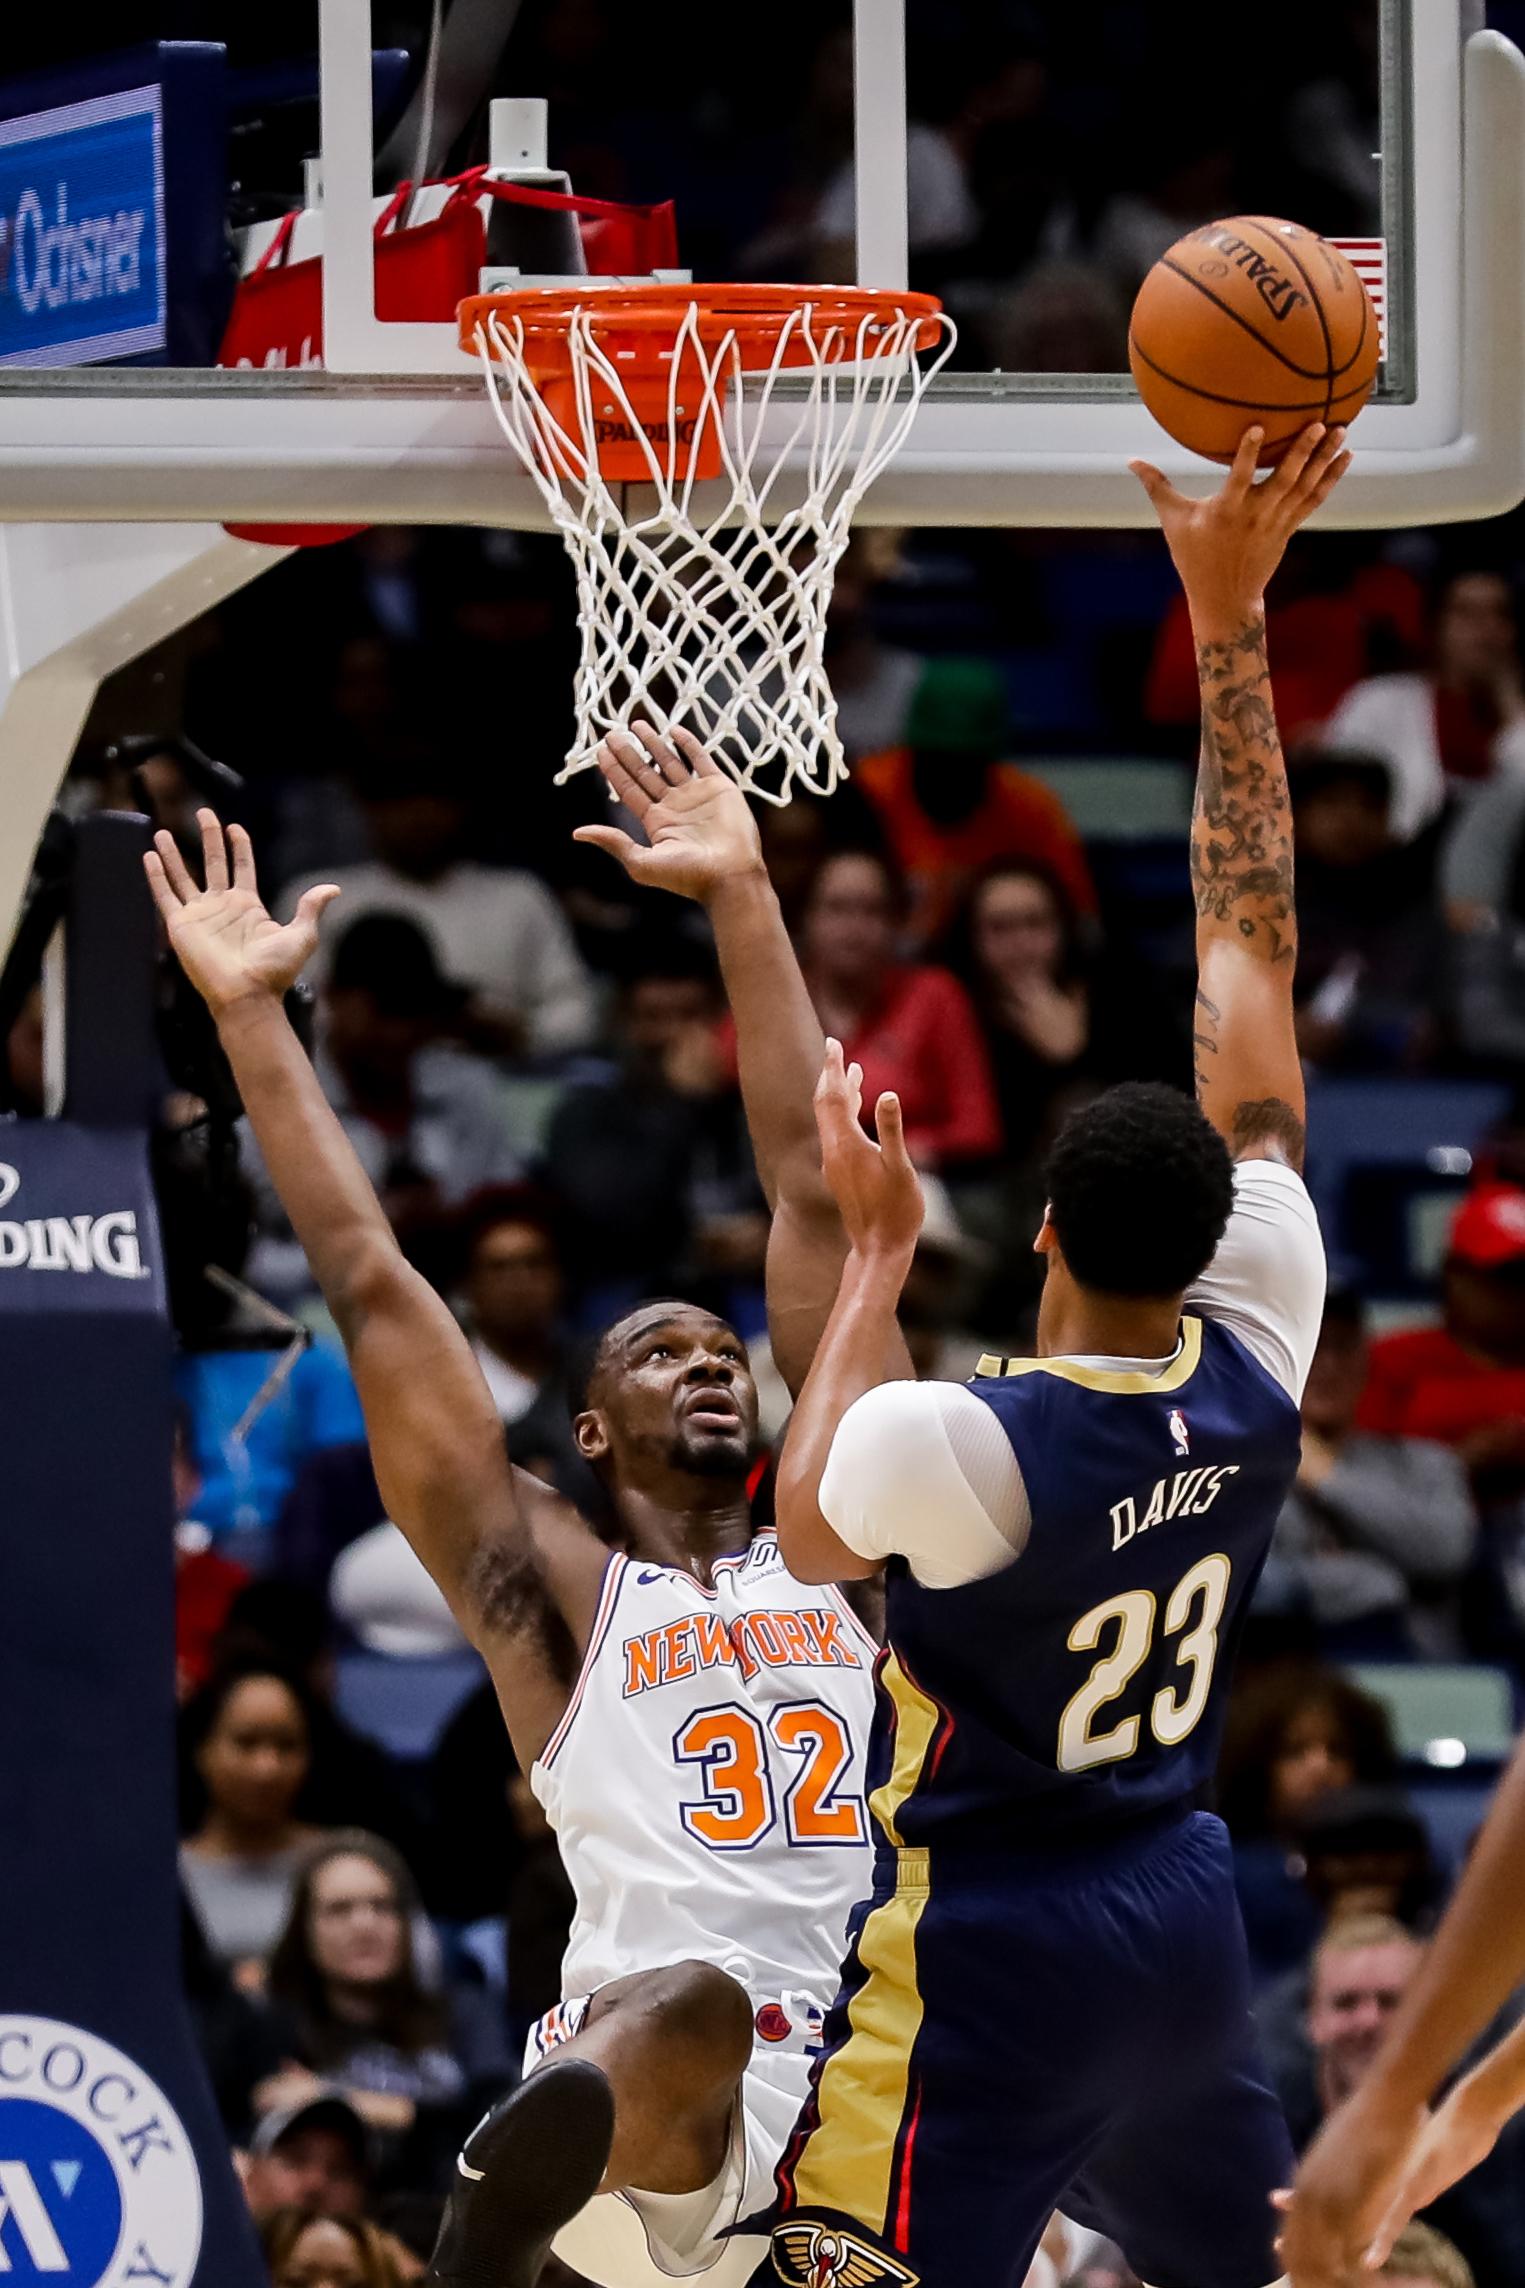 Pelicans Post Game Report #272 PELS VS T-Wolves/Knicks Recaps & More